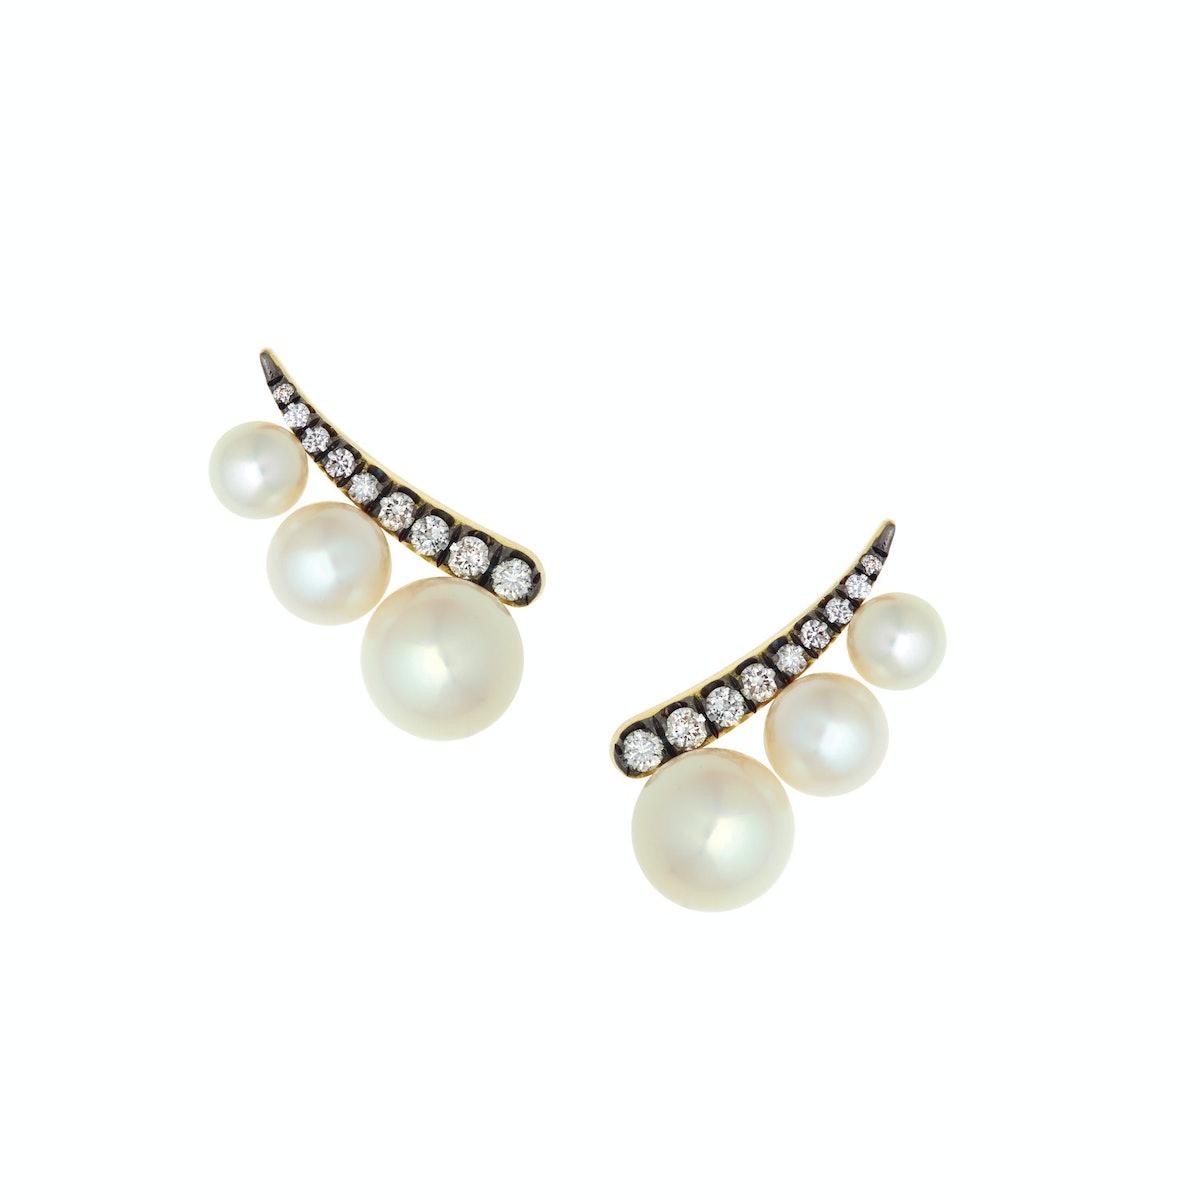 Jemma Wynne earrings, $2,940, bergdorfgoodman